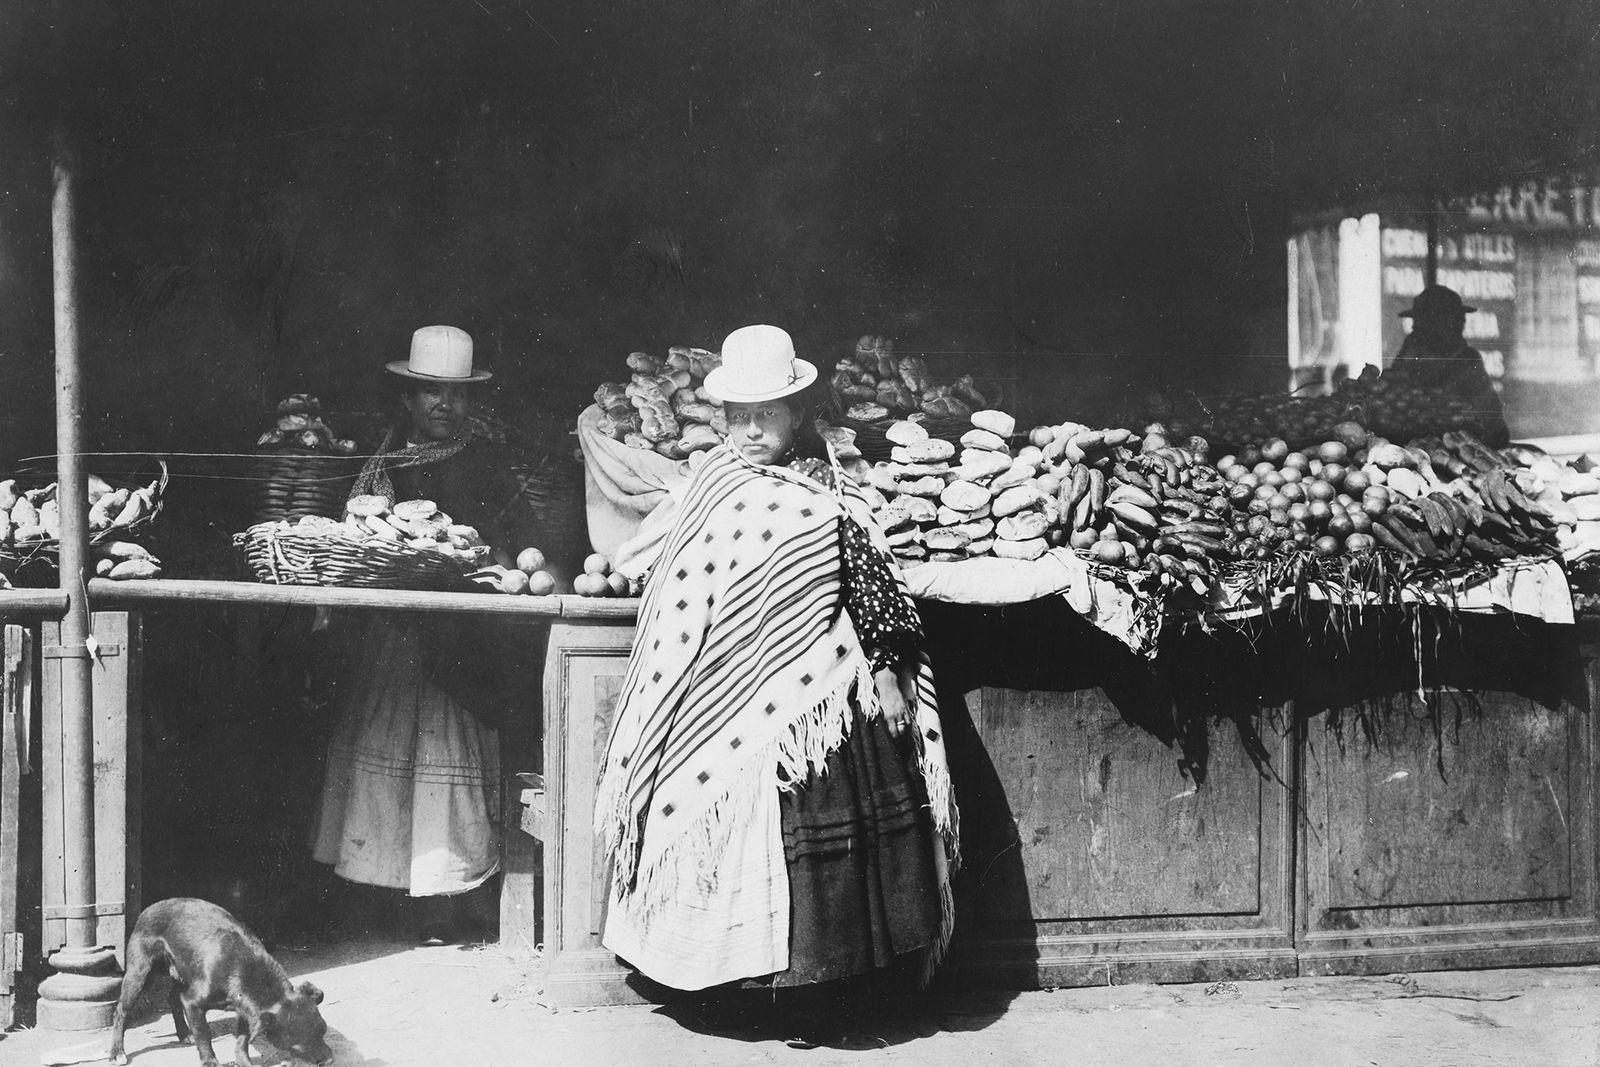 Frauen in traditioneller Kleidung stehen an einem Gemüsestand auf einem Markt in La Paz, Bolivien. 1909.